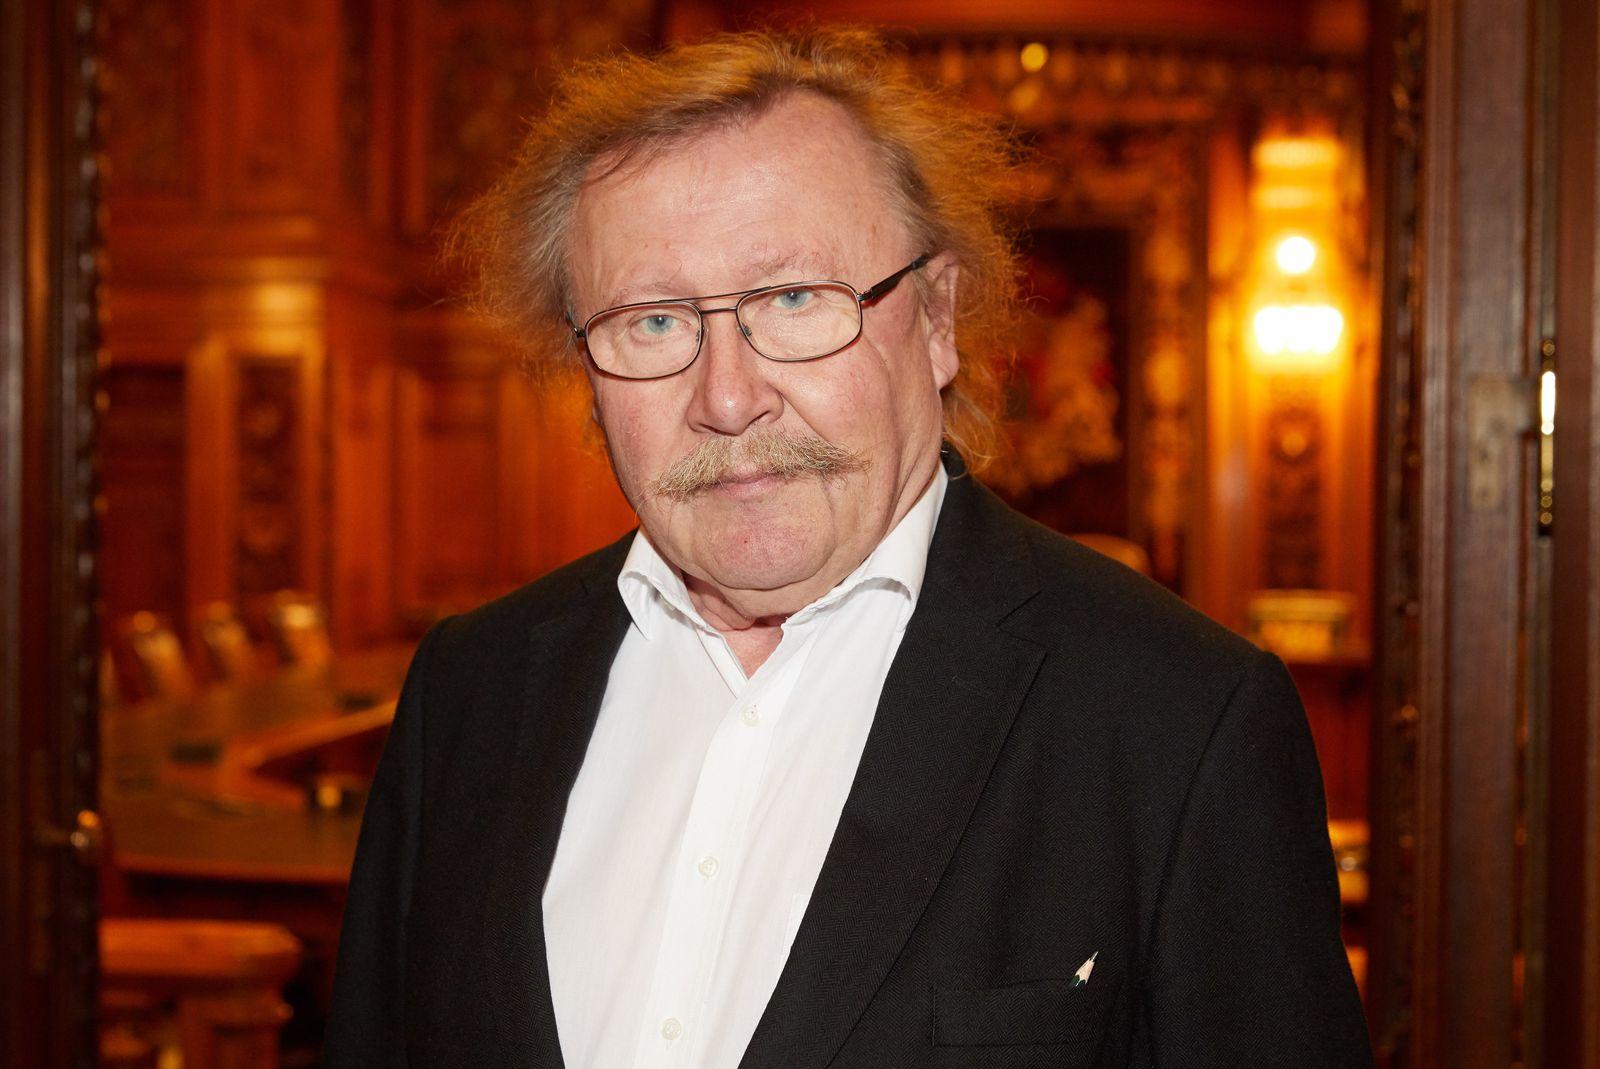 Philosoph Peter Sloterdijk